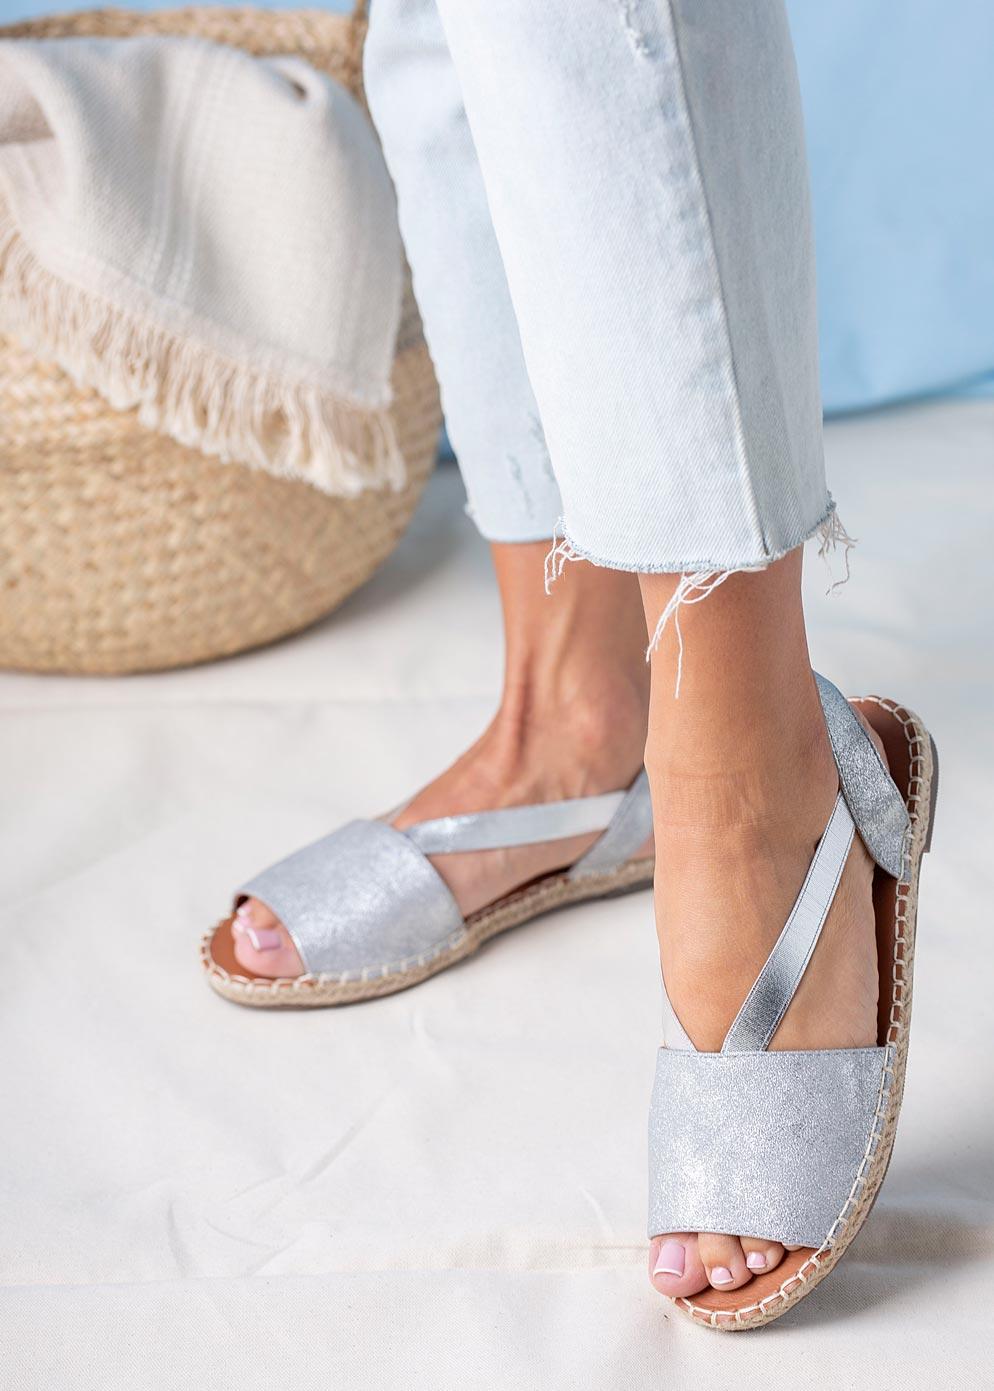 Srebrne sandały espadryle błyszczące płaskie z gumką Casu SN20X5/S sezon Lato